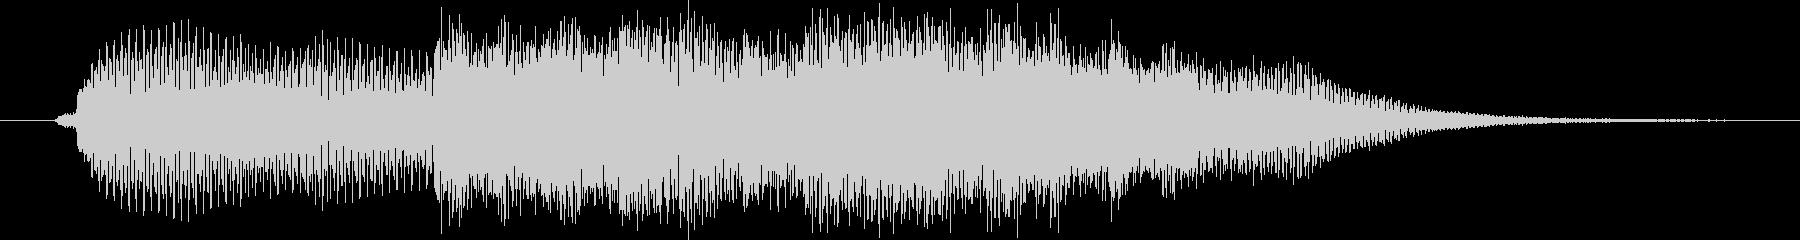 エレガント風キラキラ系サウンドロゴ01の未再生の波形